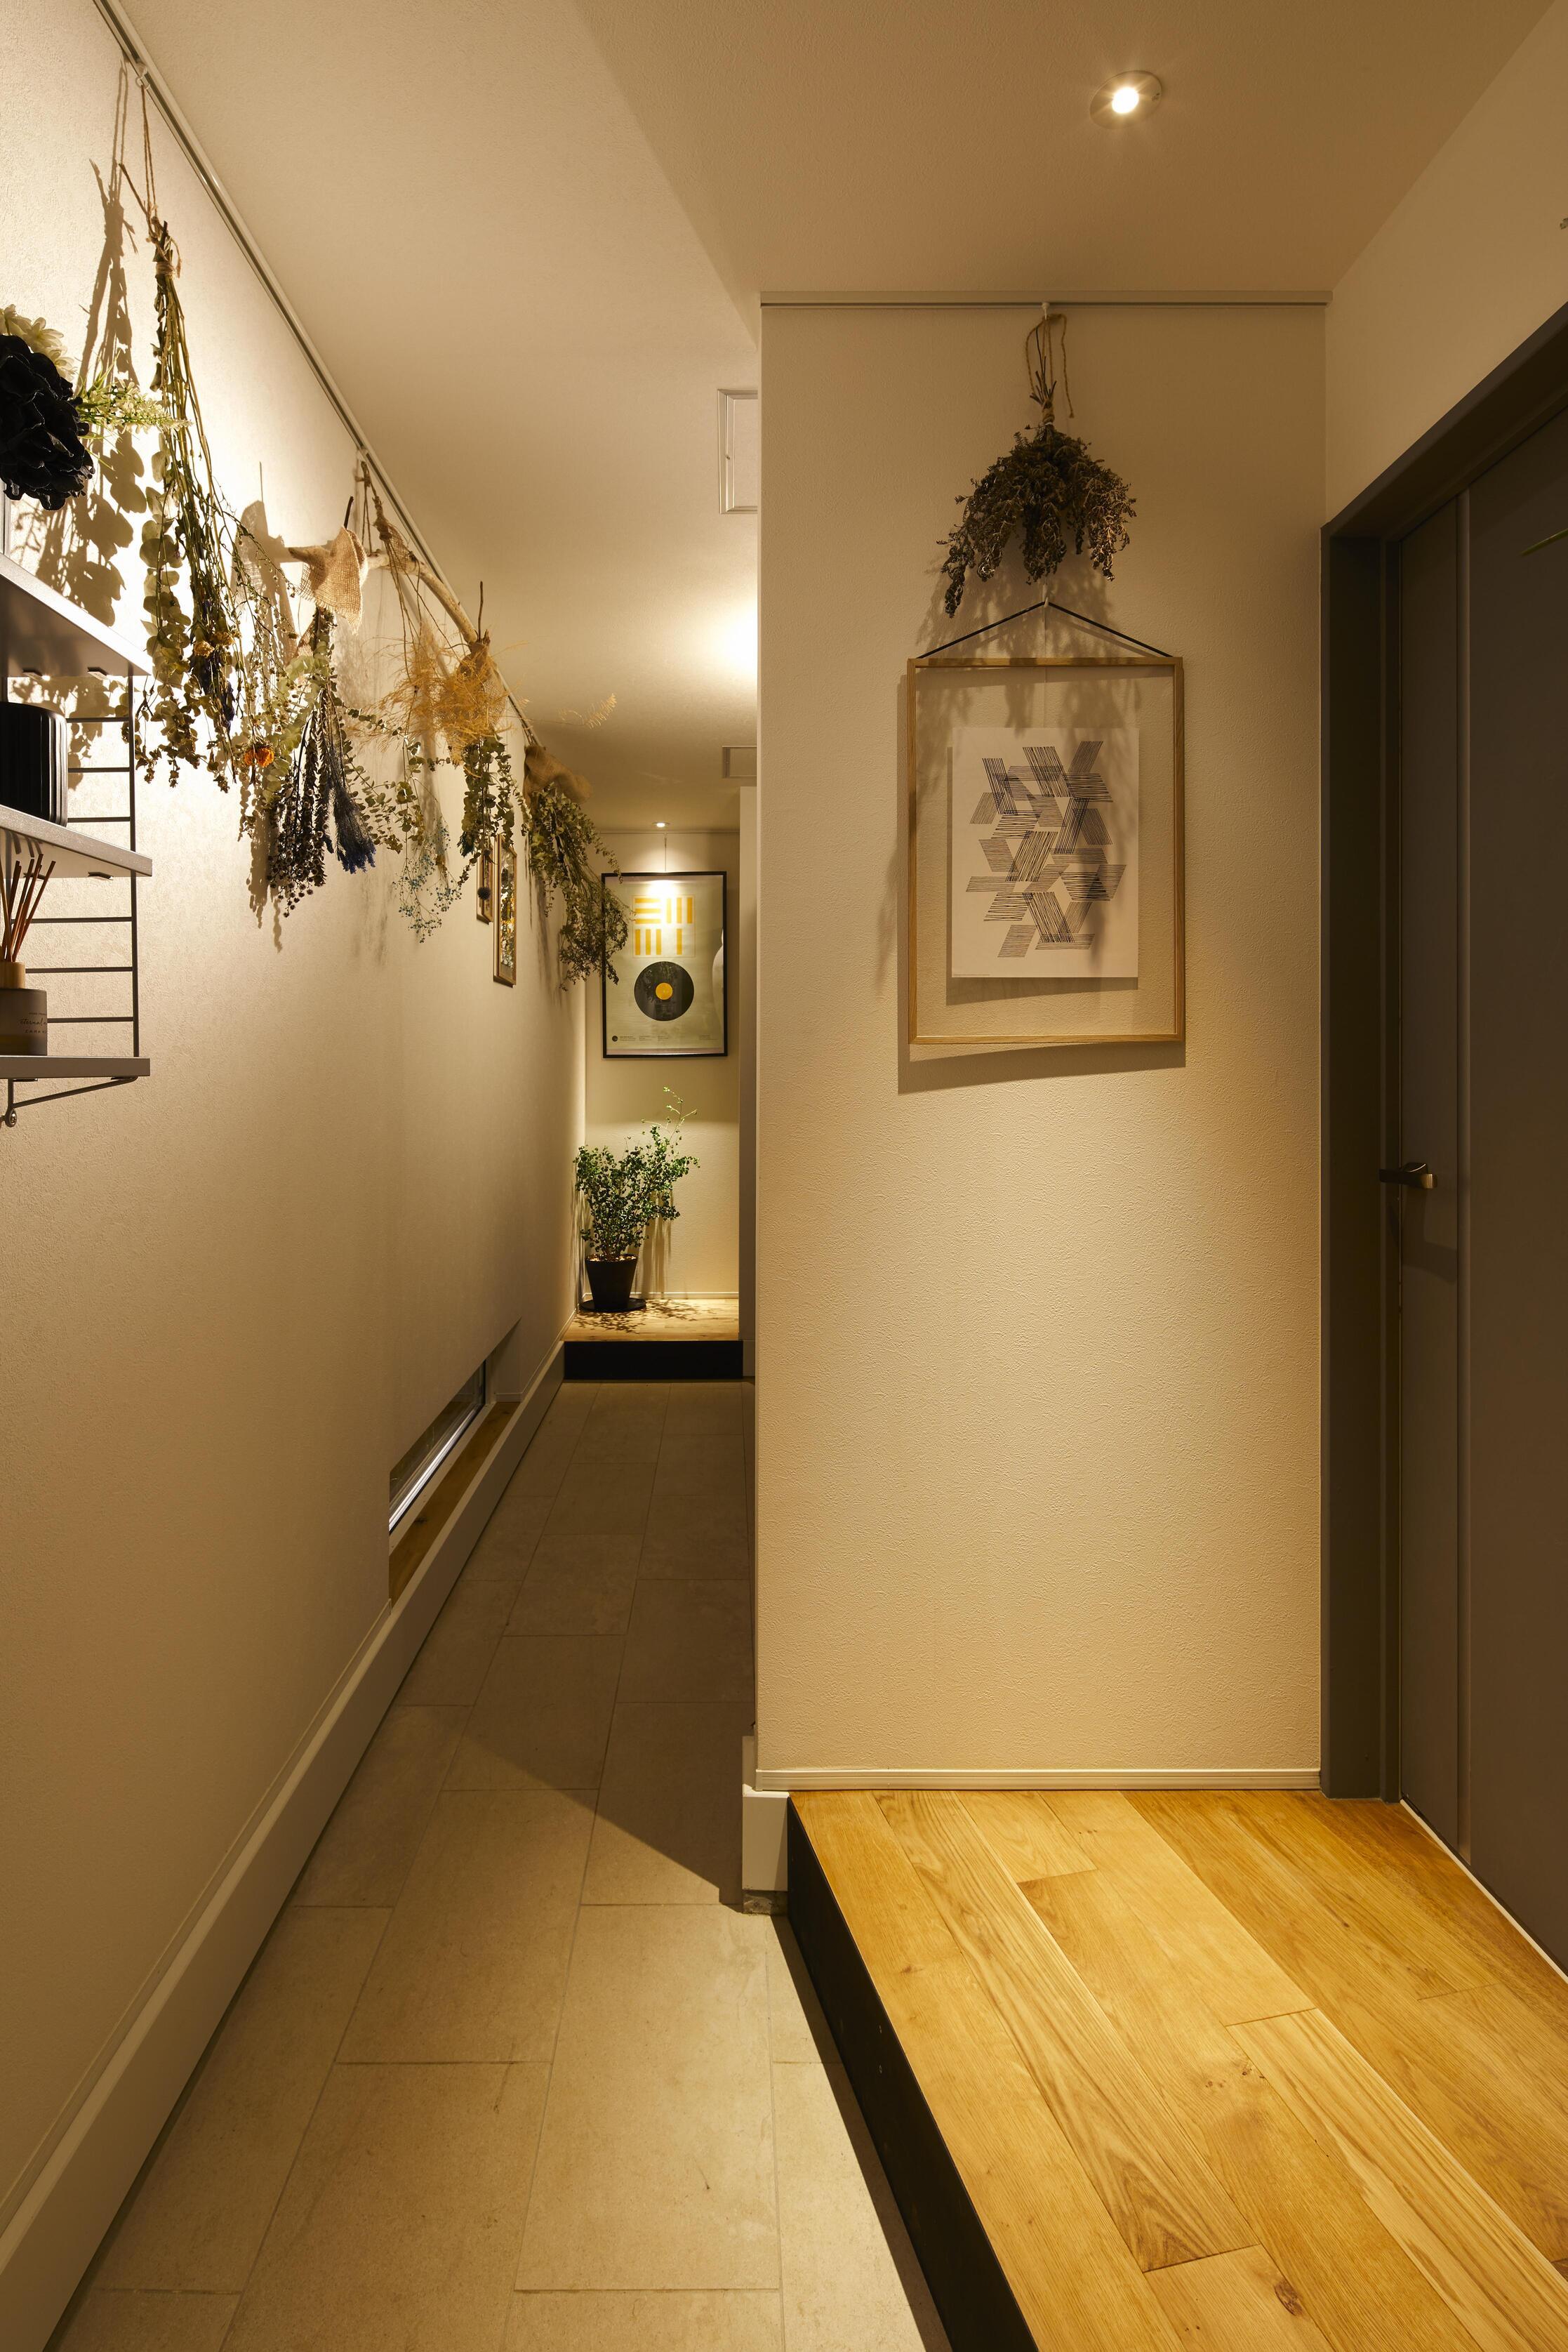 長い土間スペースを持つ玄関。ゲスト用と家族用のリビングドアを分けており、家族はシューズクローセットを横切り入室する間取り